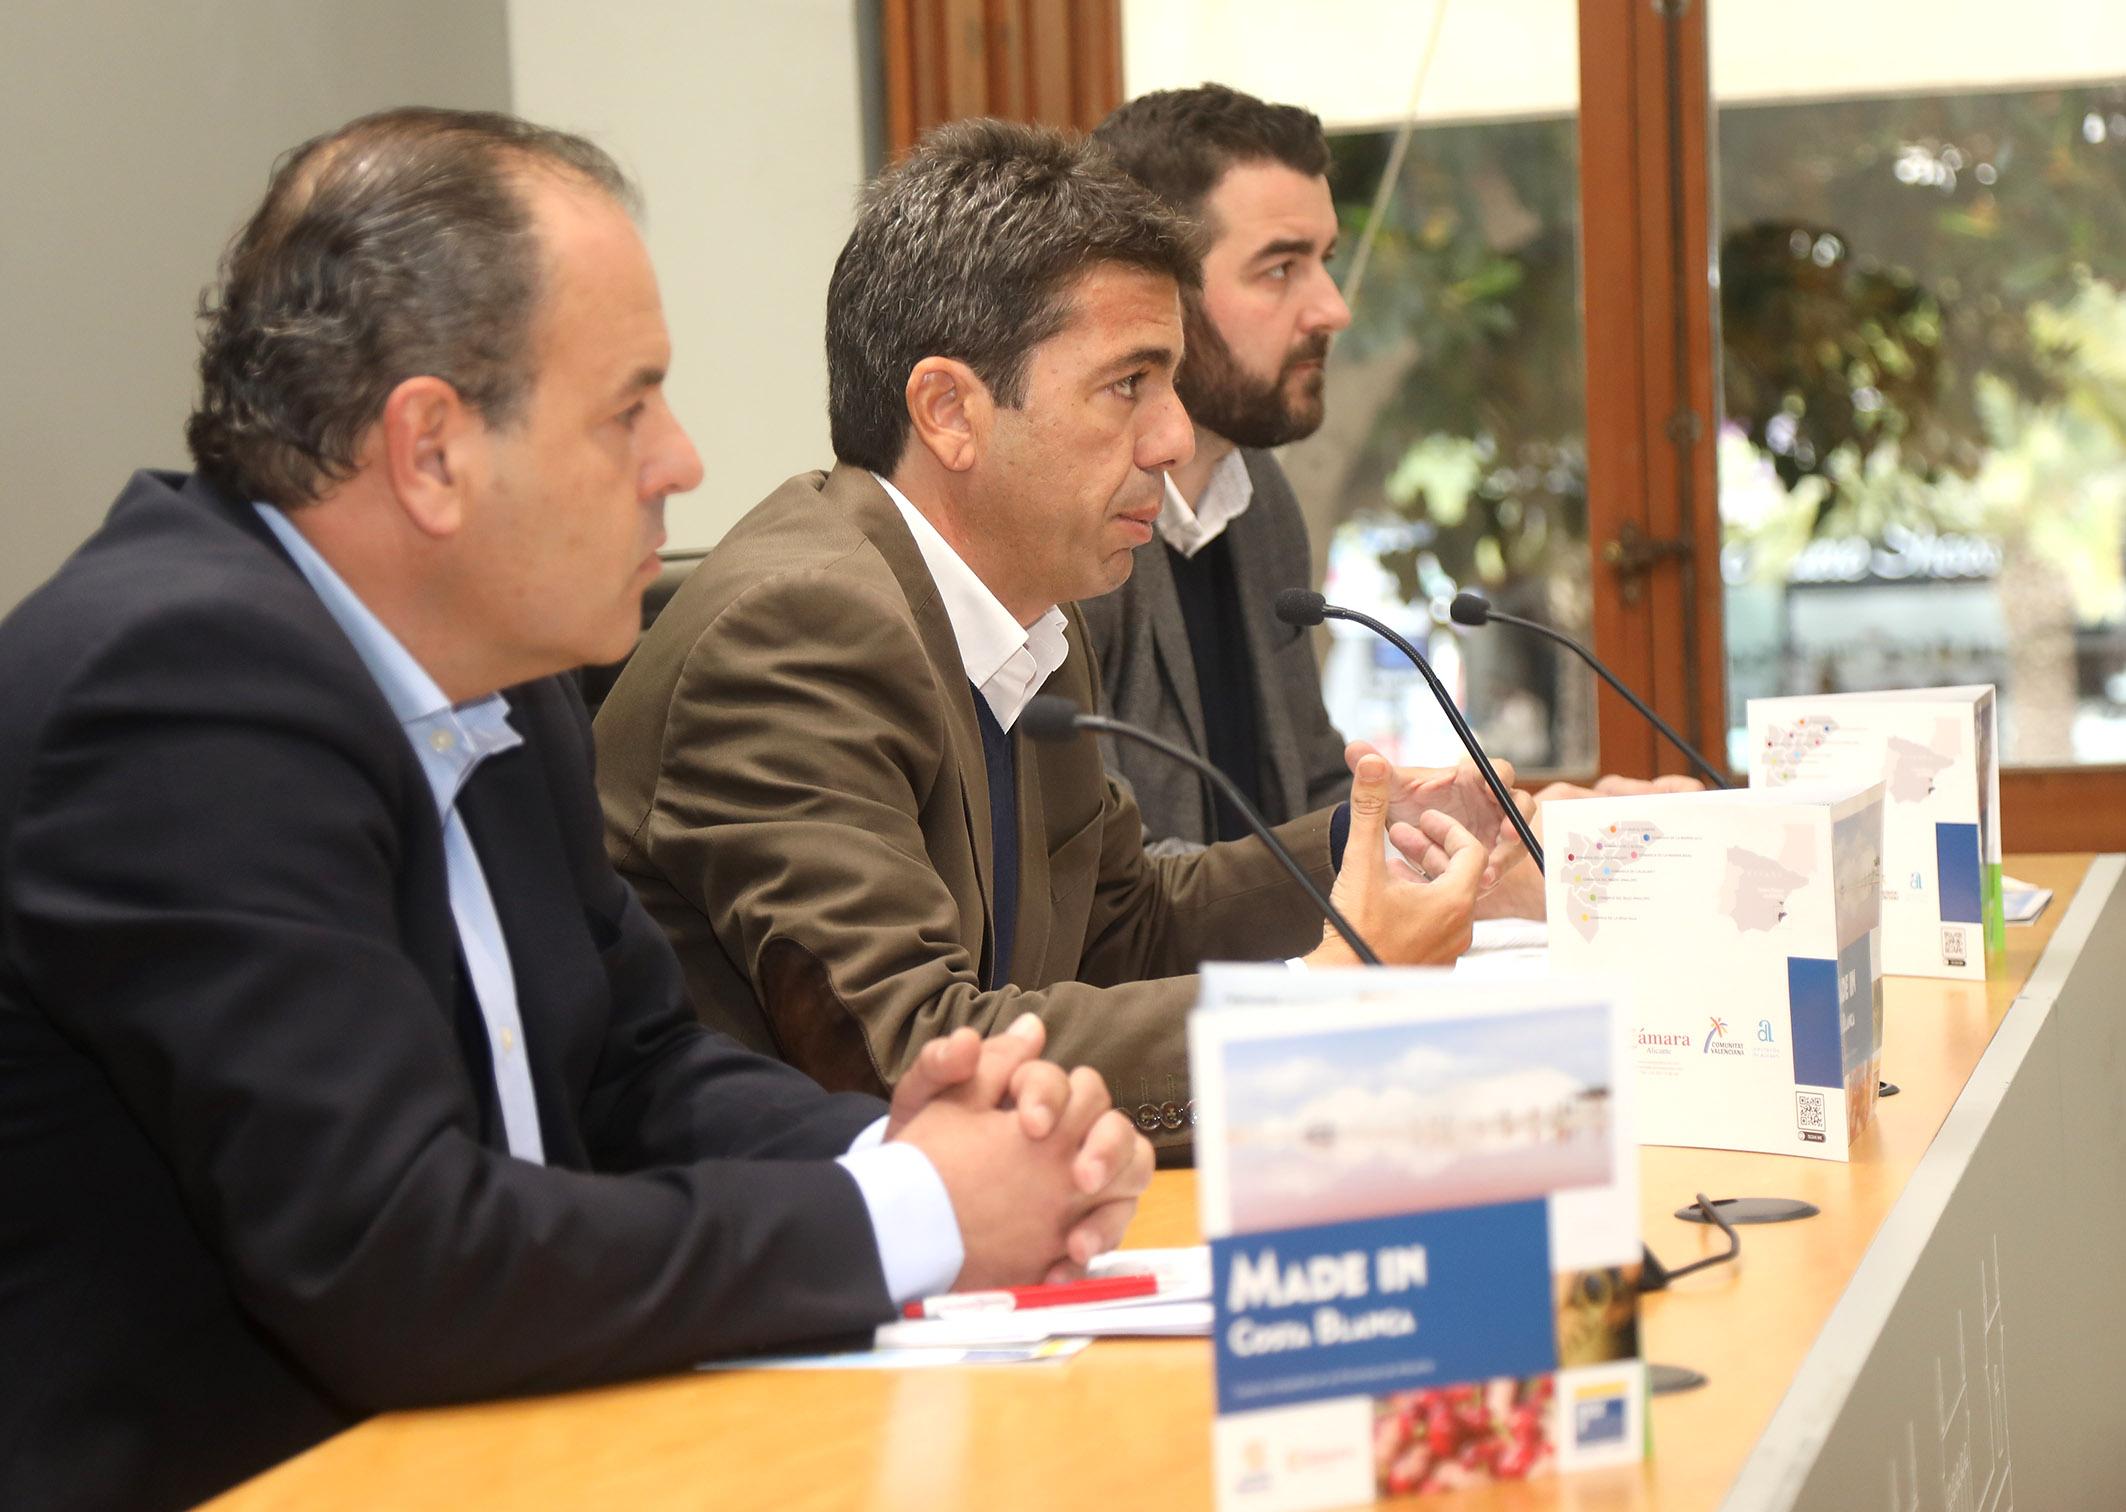 La Costa Blanca refuerza su oferta en temporada baja con un producto estratégico sobre turismo industrial.